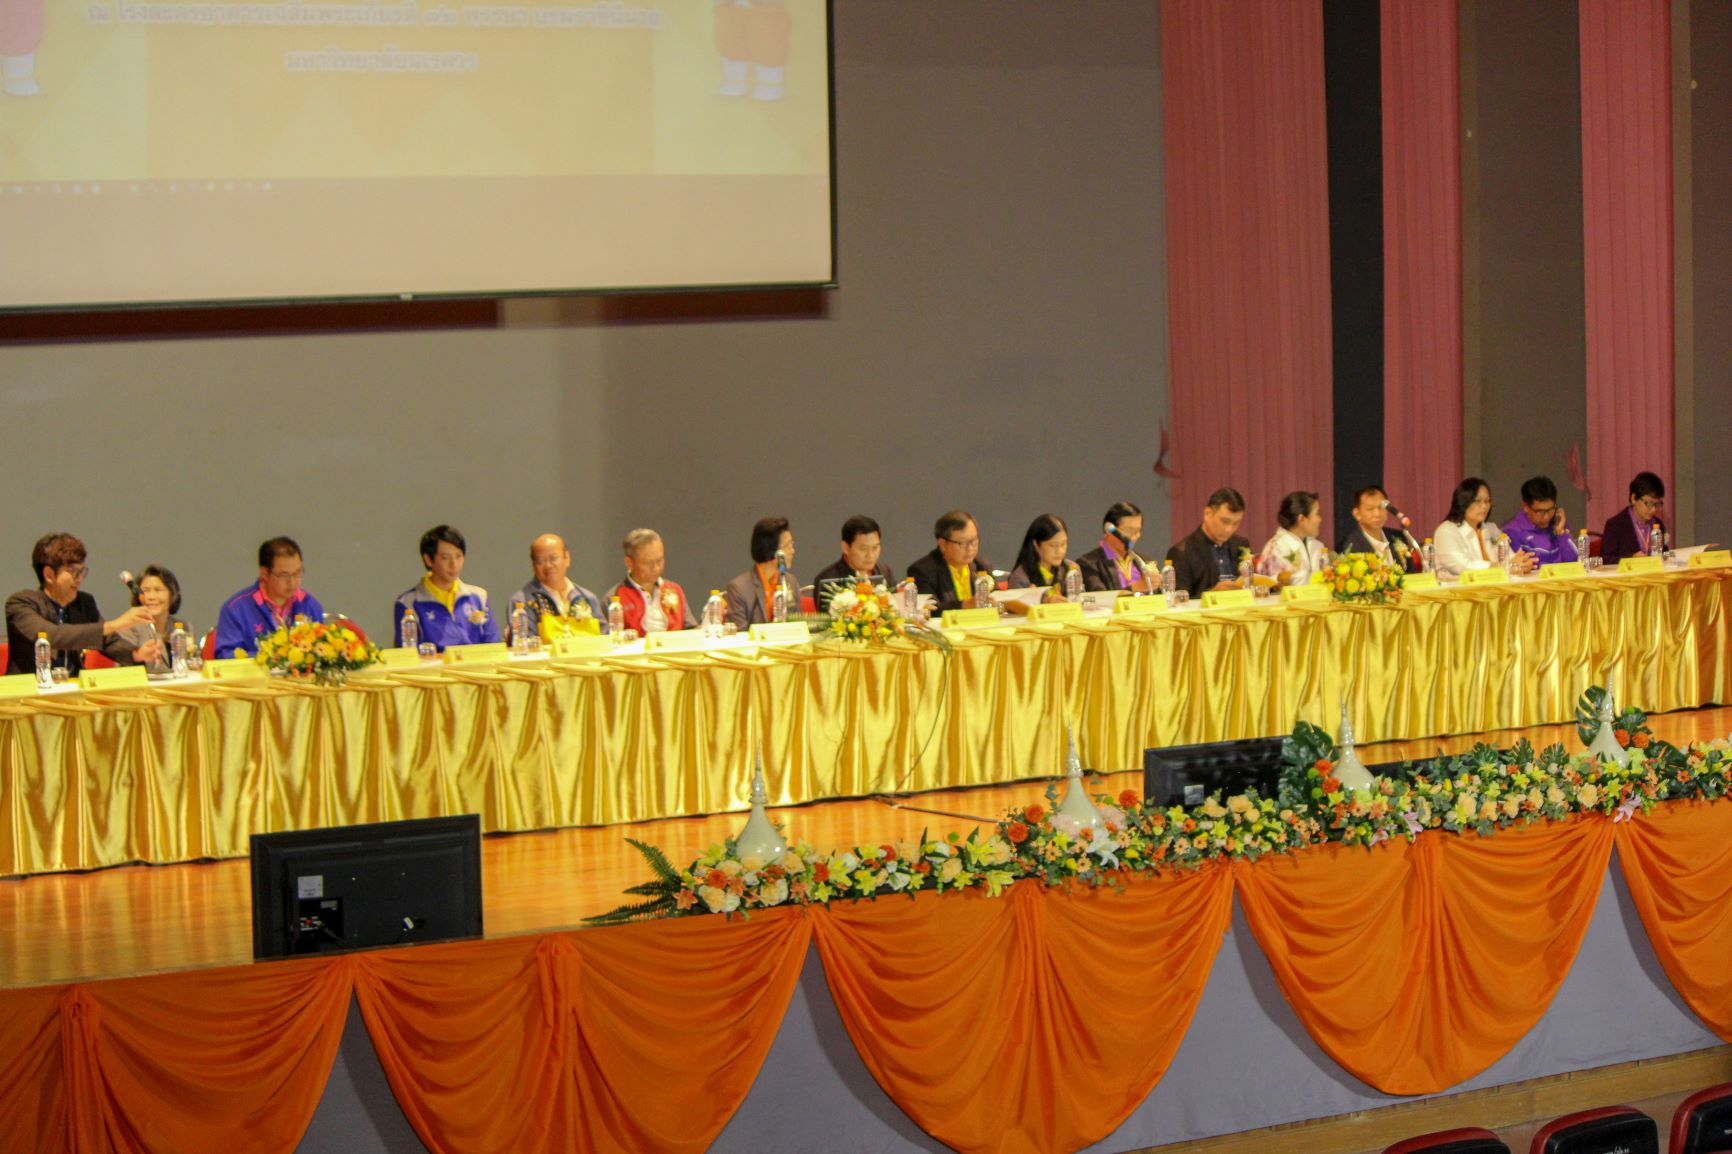 การจัดประชุมอำนวยการ ครั้งที่ 3 ณ โรงละคร อาคารเฉลิมพระเกียรติ 72 พรรษา